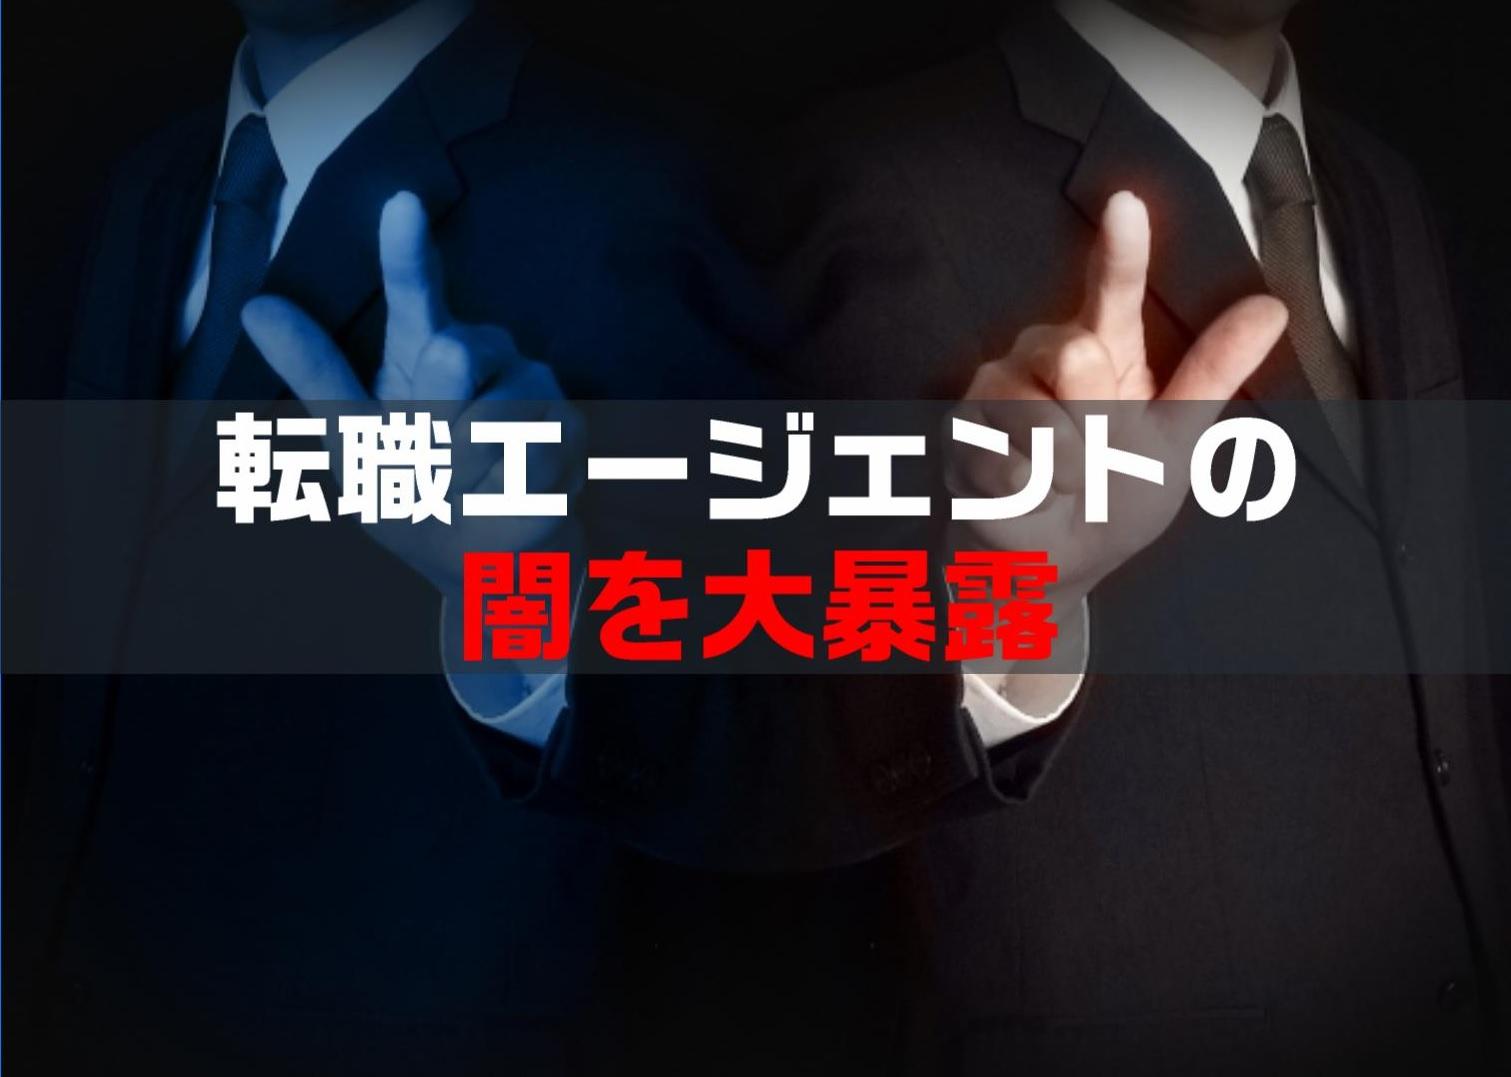 【保存版】転職エージェントの裏事情とは?|人材紹介の闇を暴露